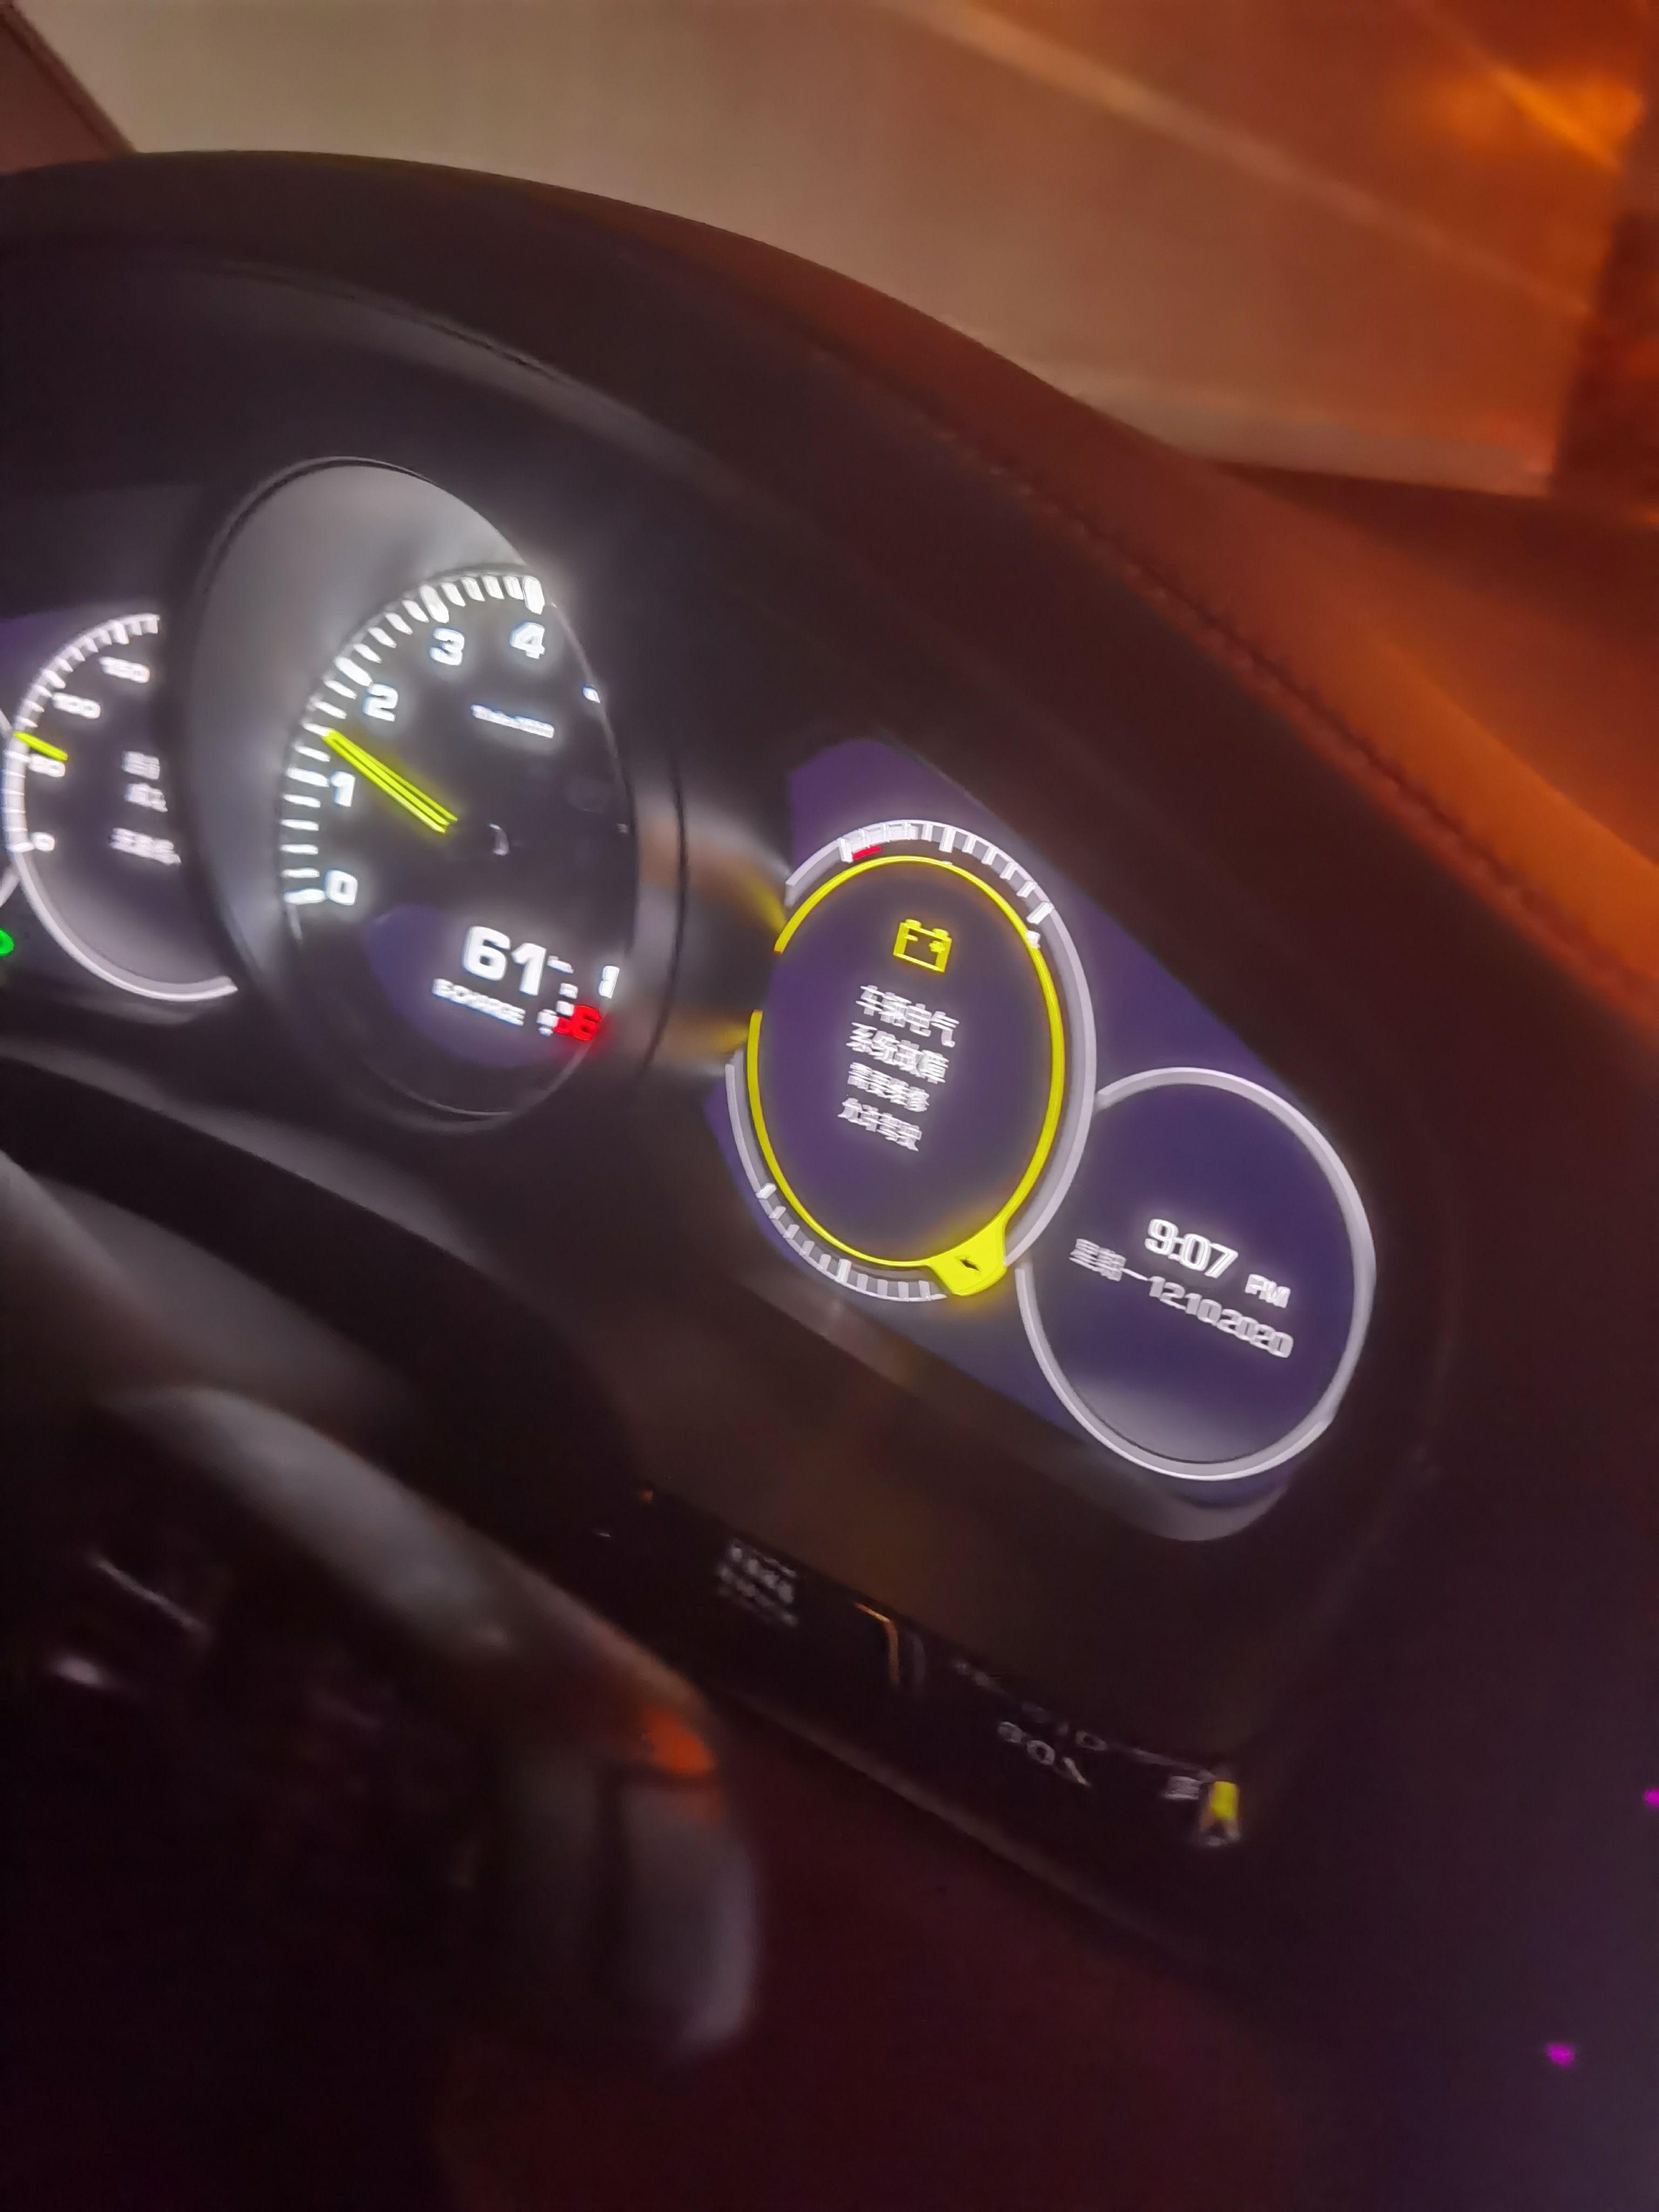 吴女士称,事发时,车辆亮起黄灯,提示车辆电器系统故障,需要维修,允许驾驶。